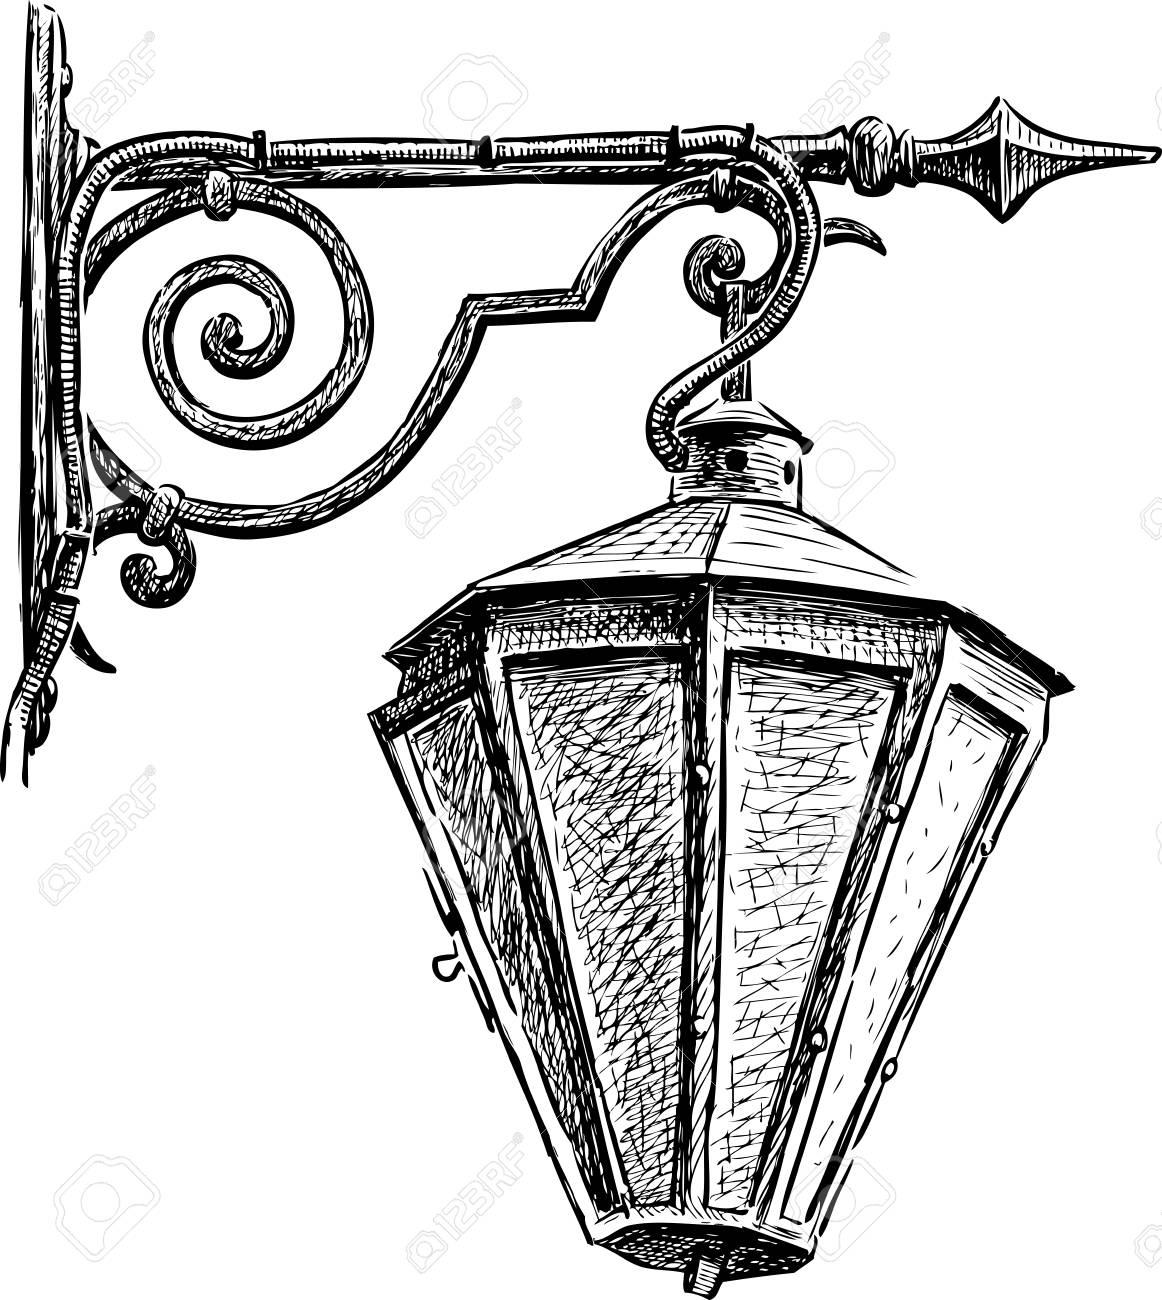 original art card street lamp sketch